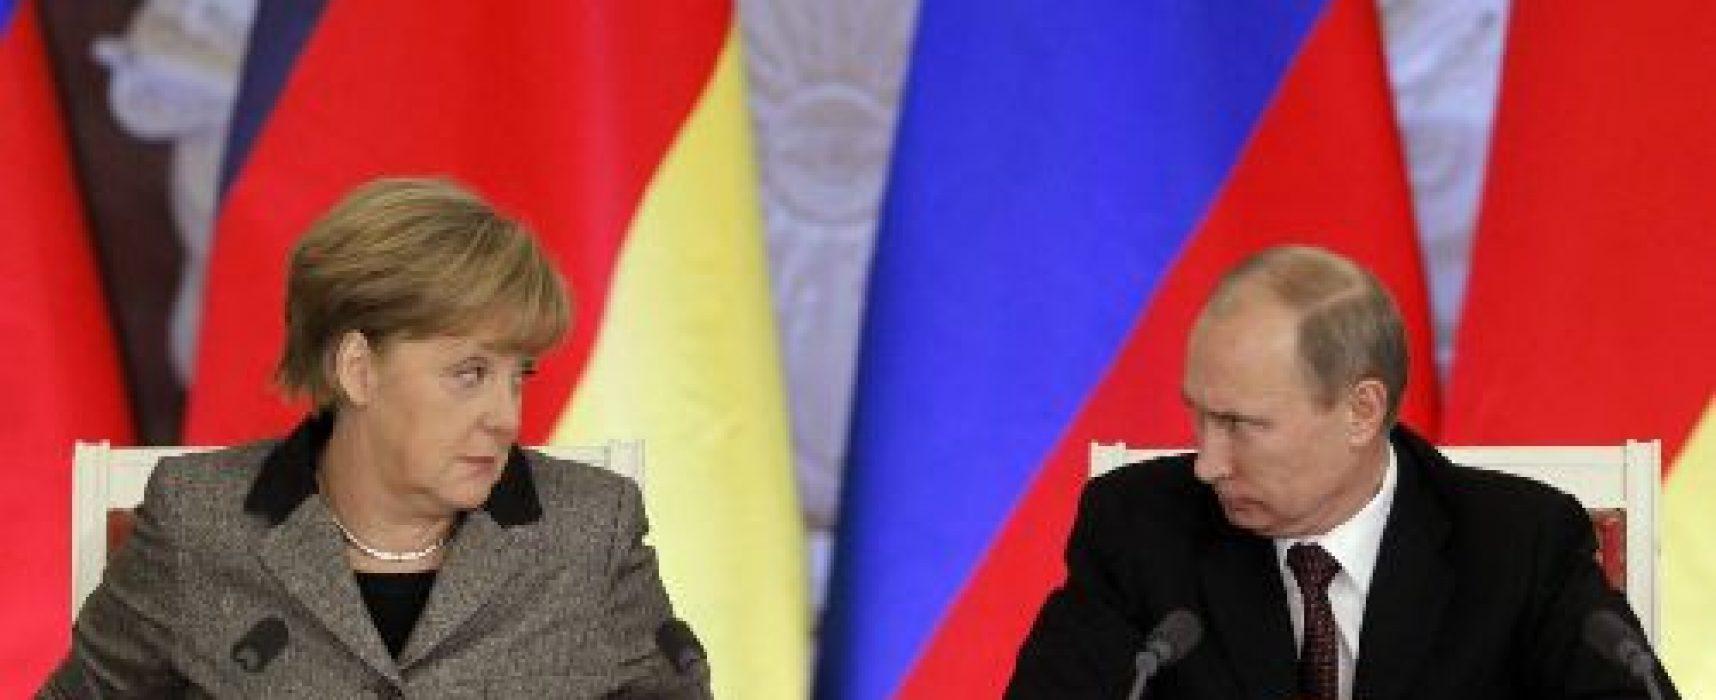 Меркель является главной мишенью российской пропаганды — эксперт